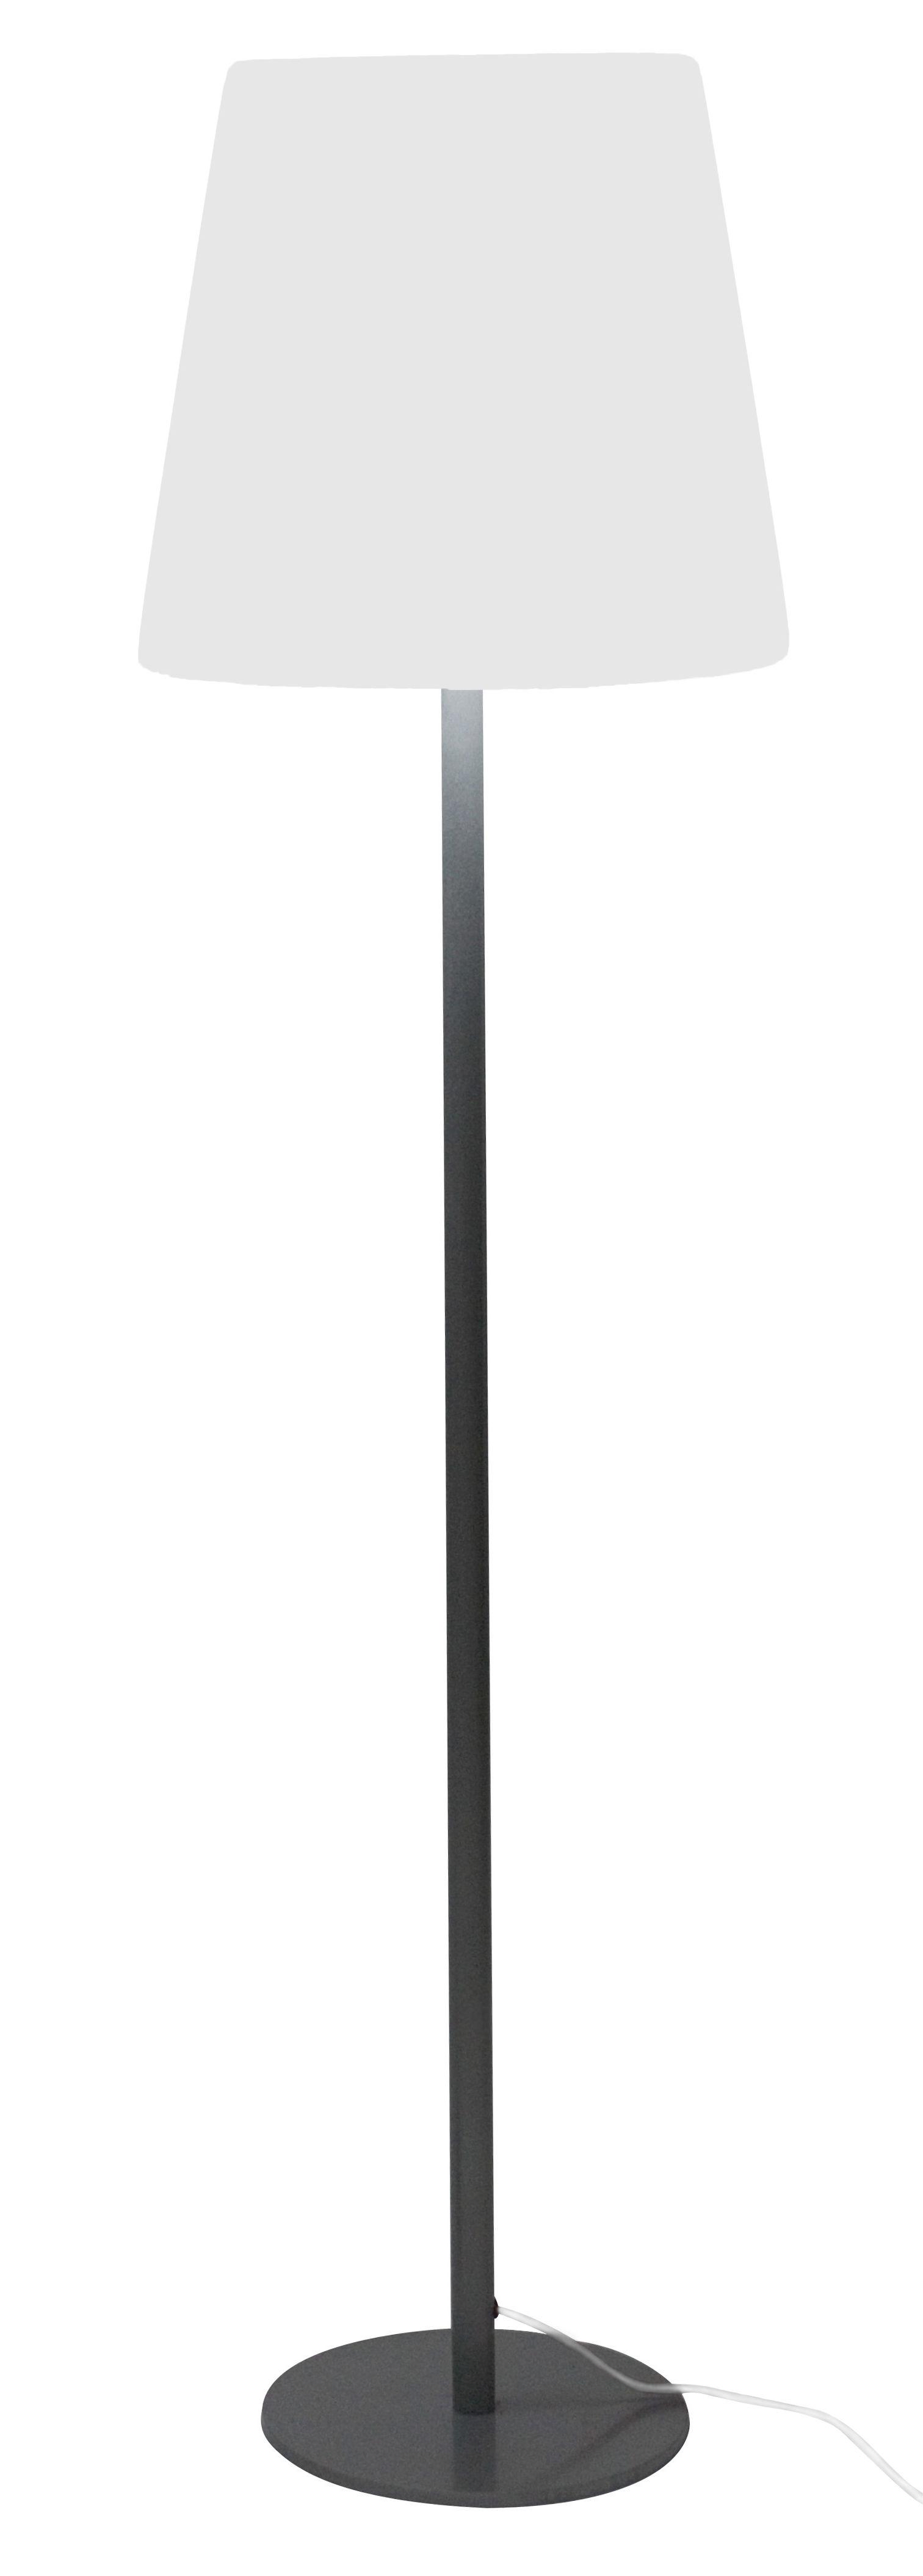 Illuminazione - Lampade da terra - Lampada a stelo Ali Baba di Slide - Versione da appoggio: piede con base - Inox, Polietilene riciclabile